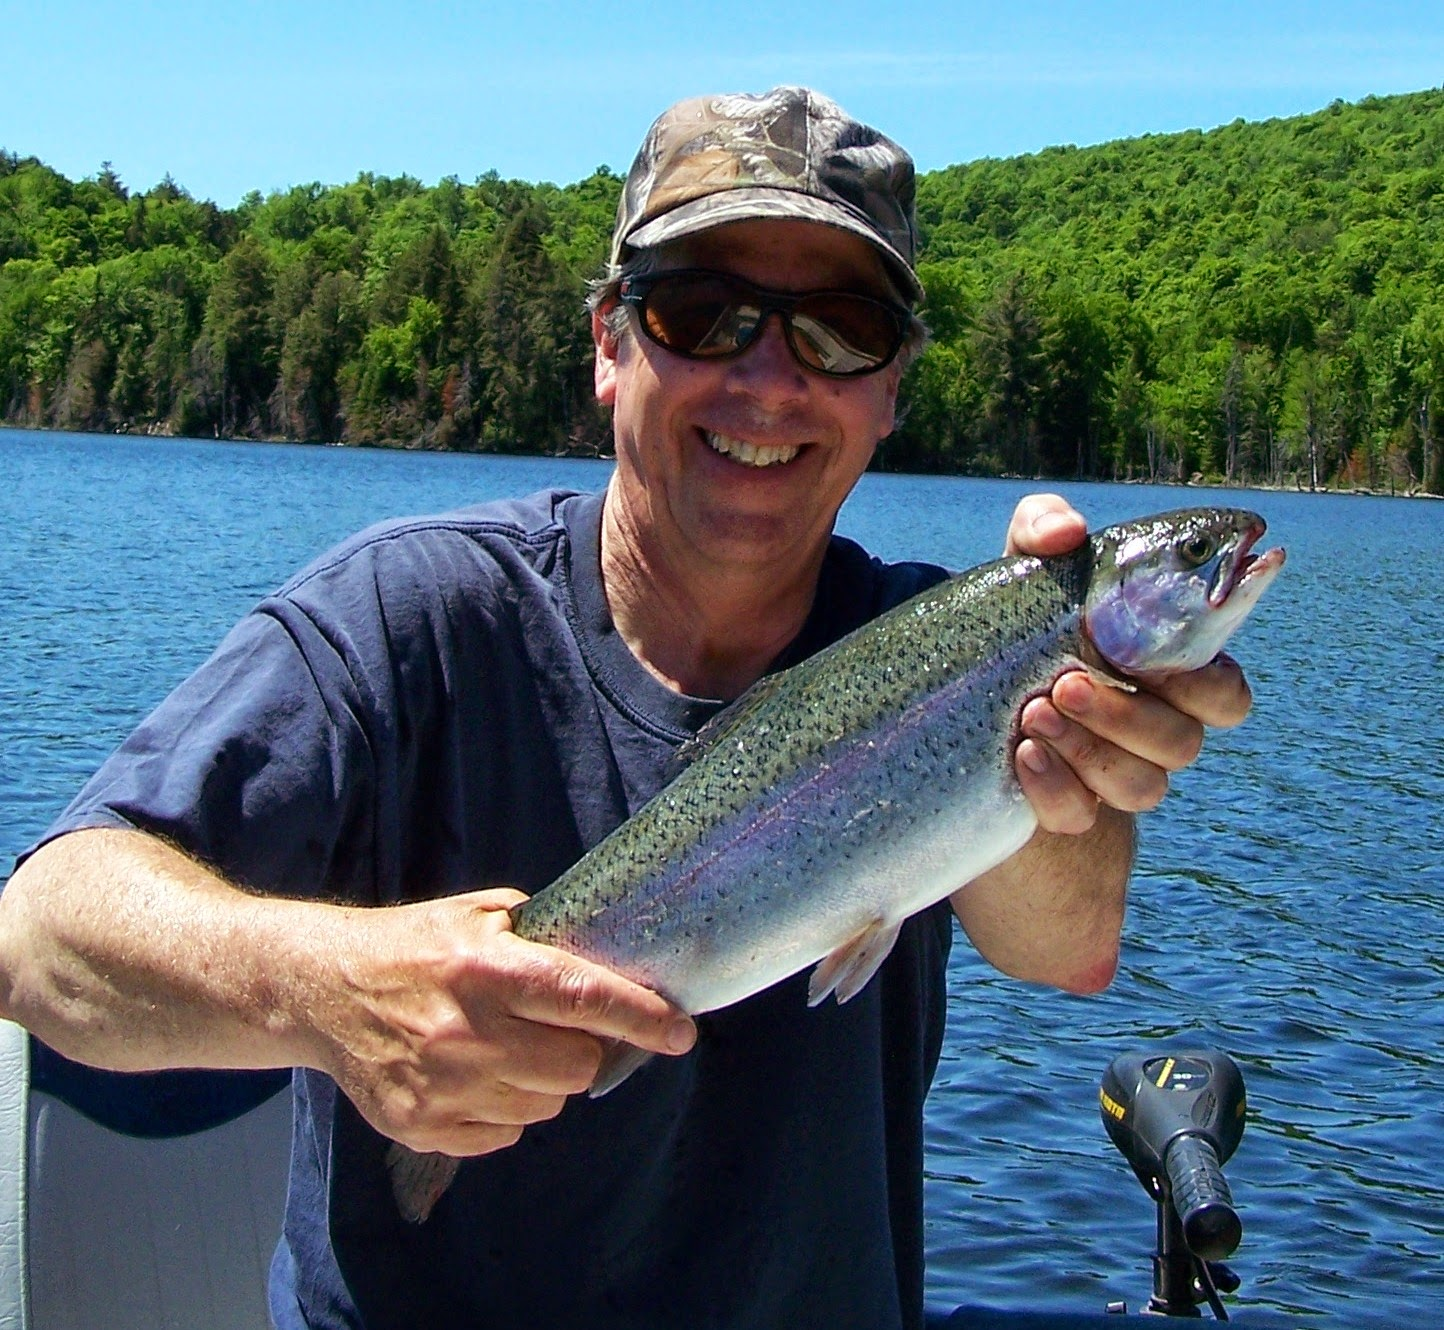 Pêche Lac Berval, pêche truite arc-en-ciel, truite mouchetée, blogue sur la pêche